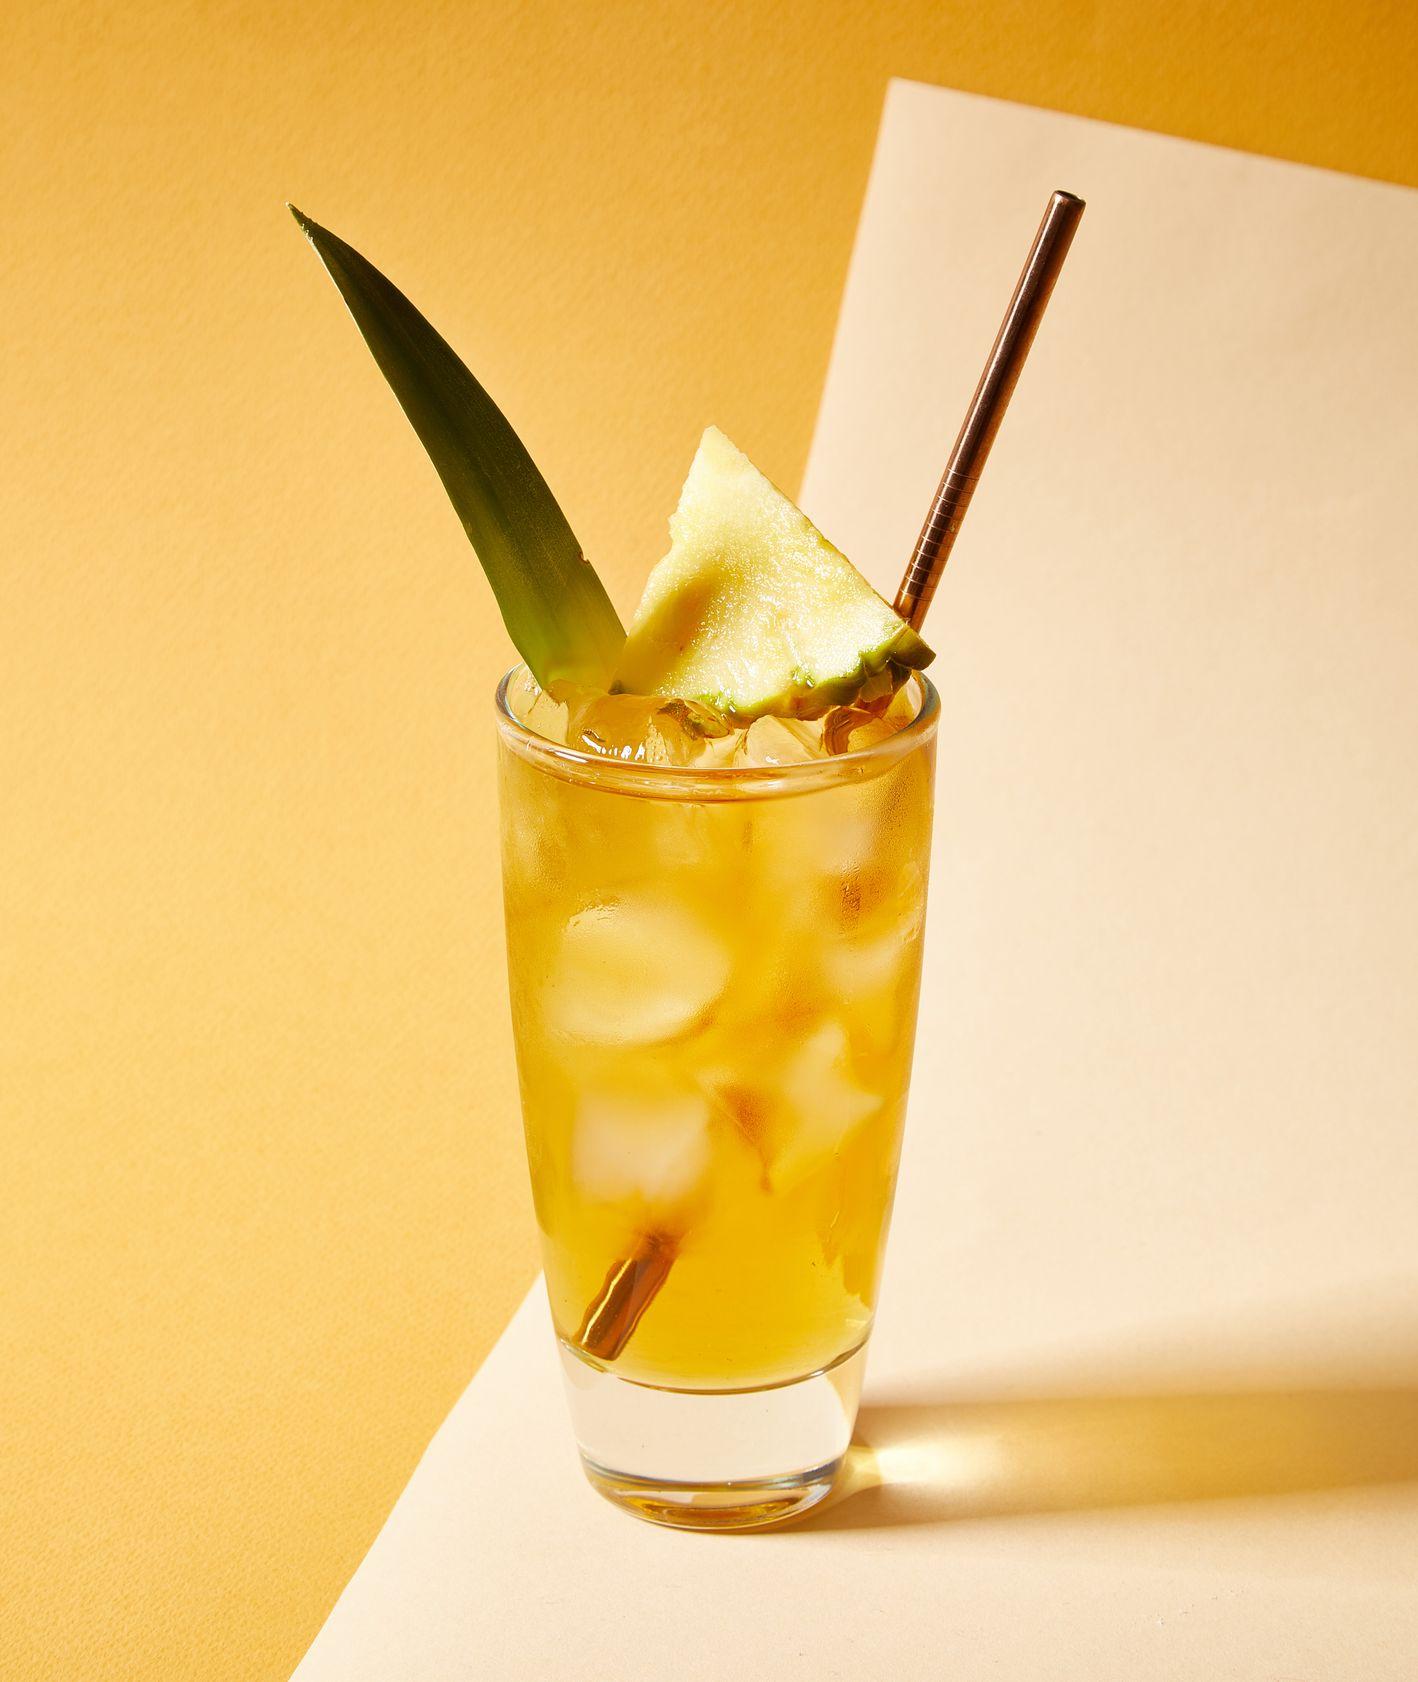 Whiskey z sokiem z ananasa. Przepis na drinka (fot. Maciek Niemojewski)